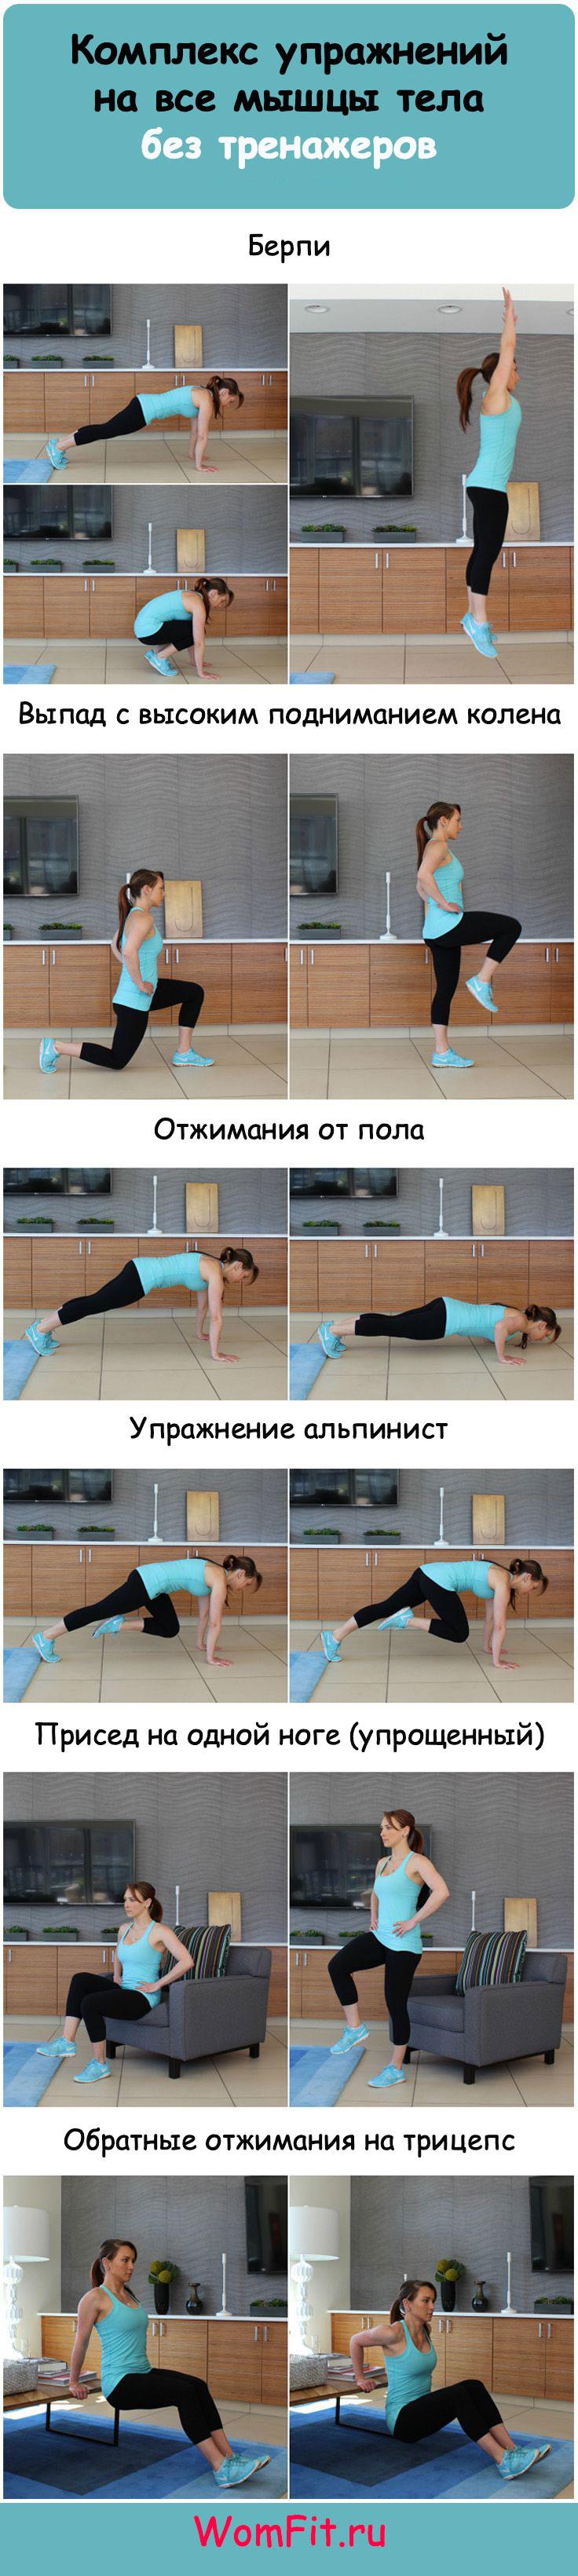 Комплекс упражнений для занятий дома